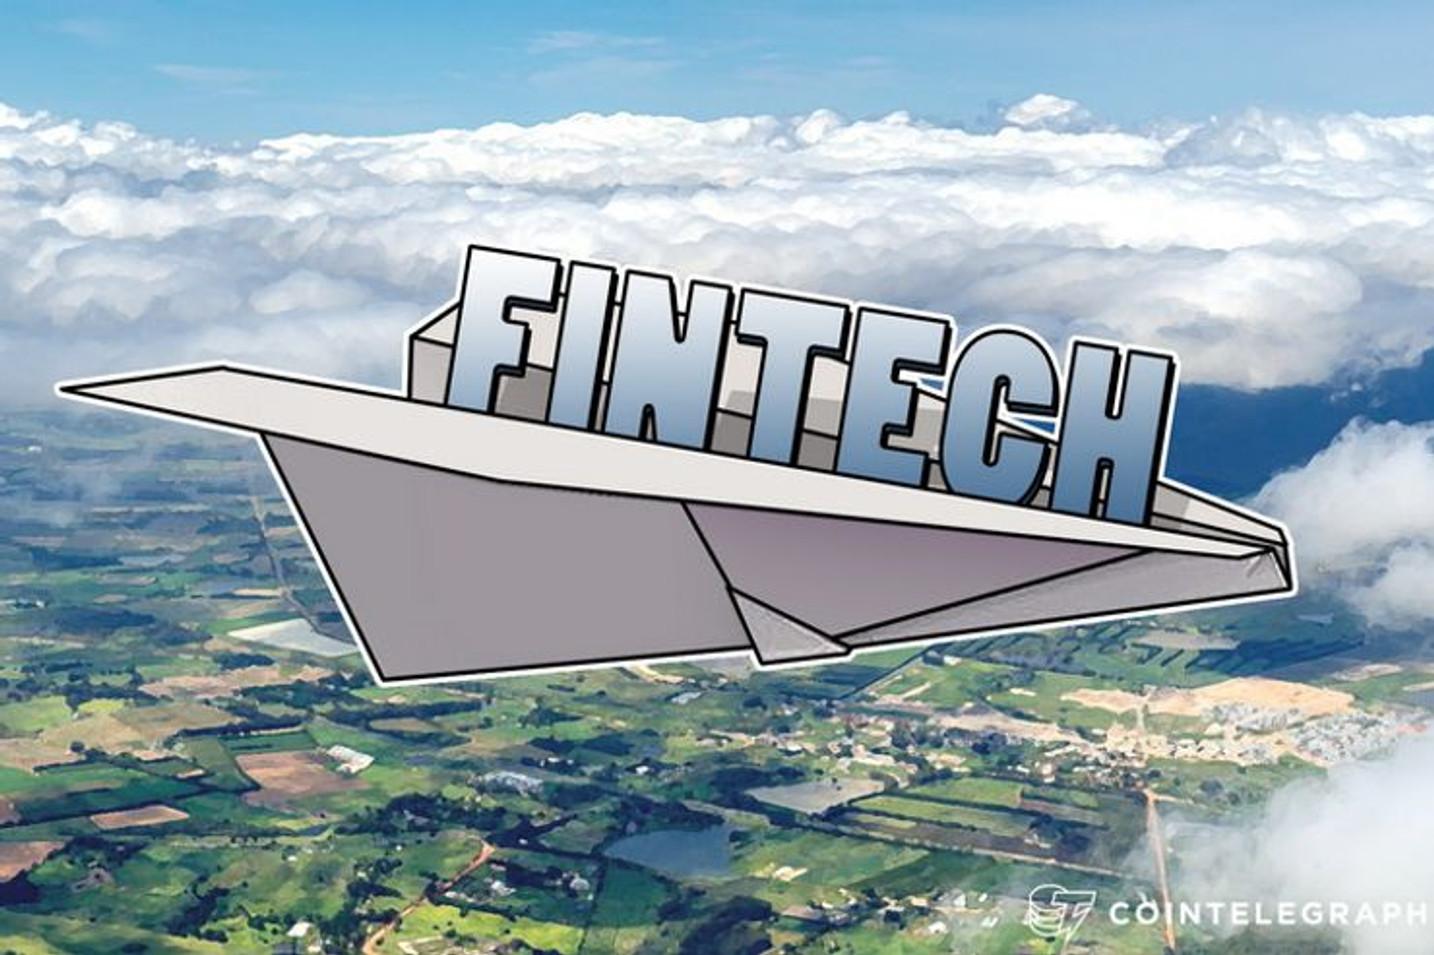 Según AEFI, existen decenas de proyectos Fintech esperando la aprobación del Sandbox español